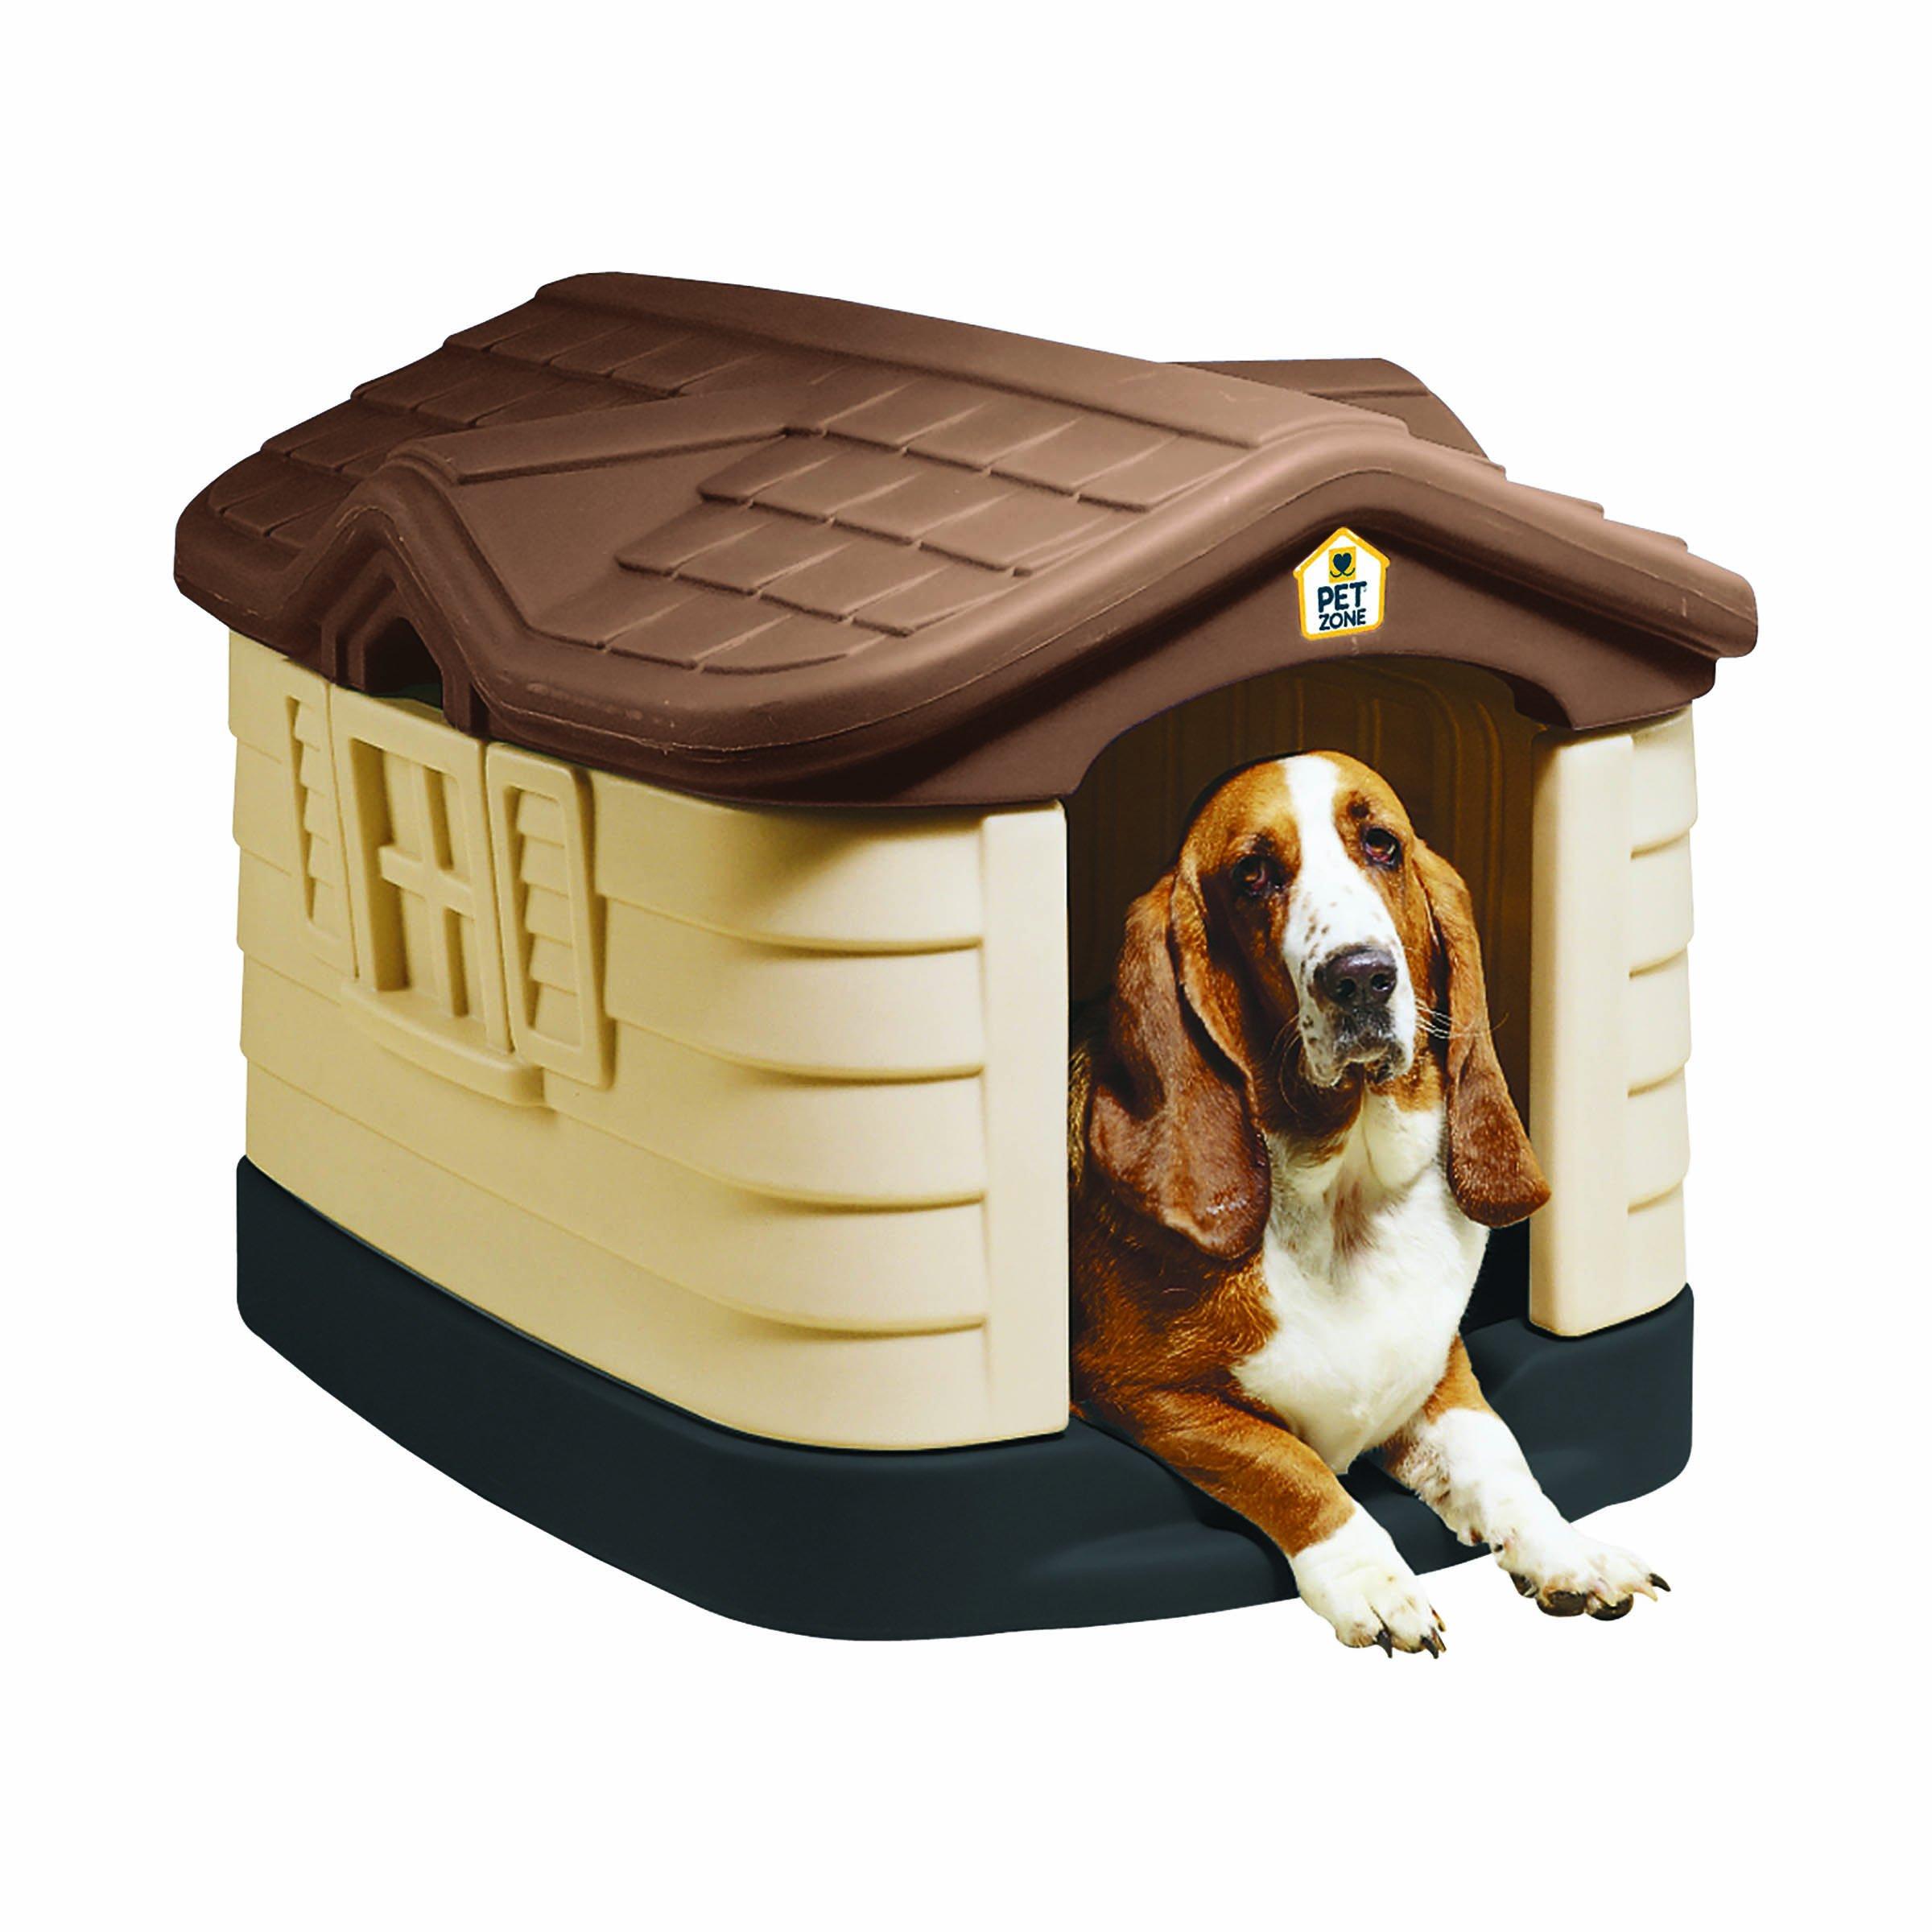 Pet Zone Cozy Cottage Durable Plastic Dog House